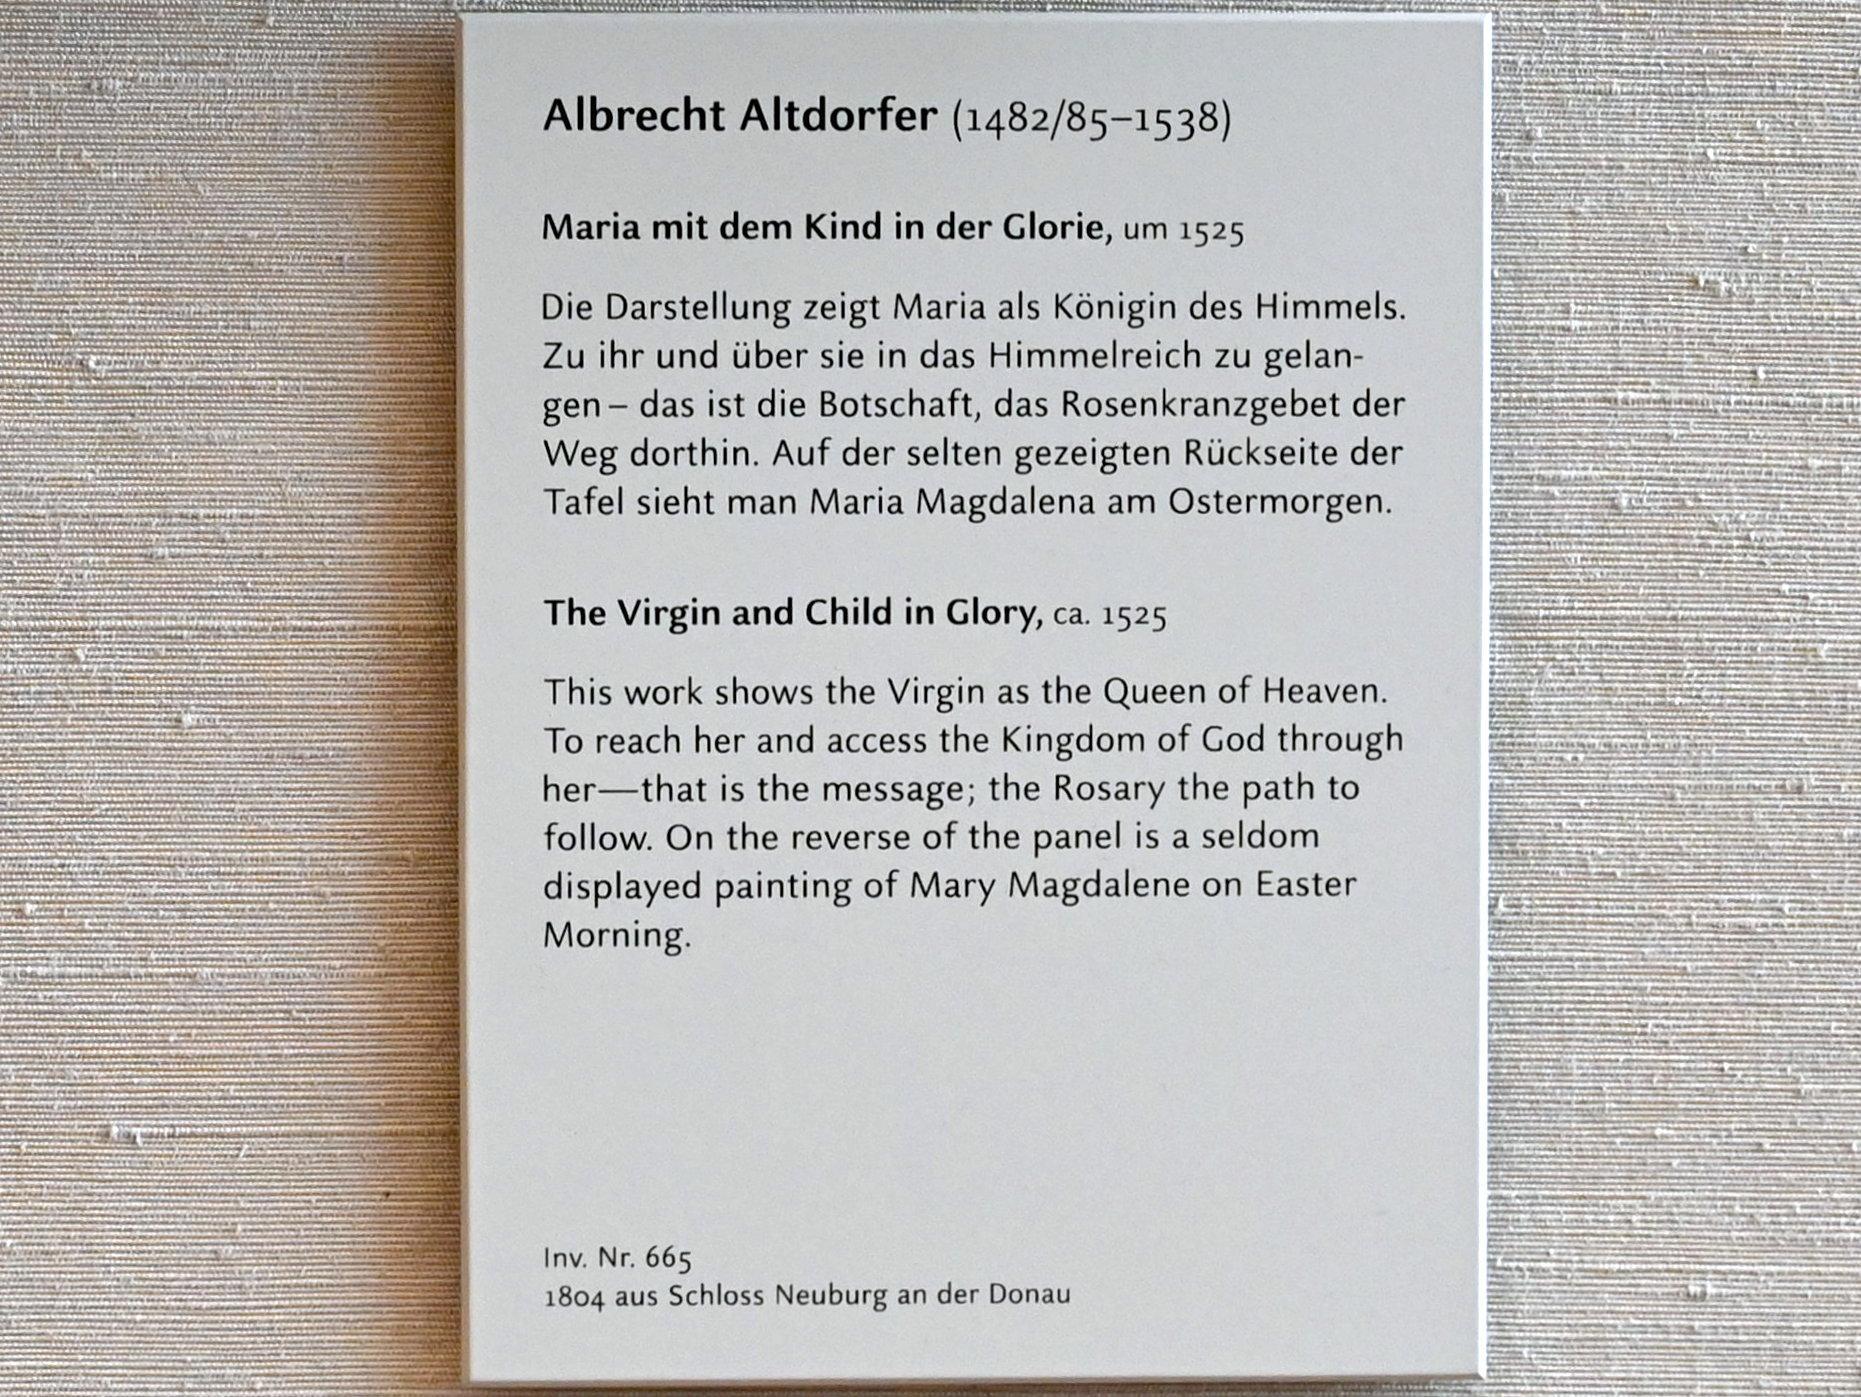 Albrecht Altdorfer: Maria mit dem Kind in der Gloria, um 1525, Bild 2/2